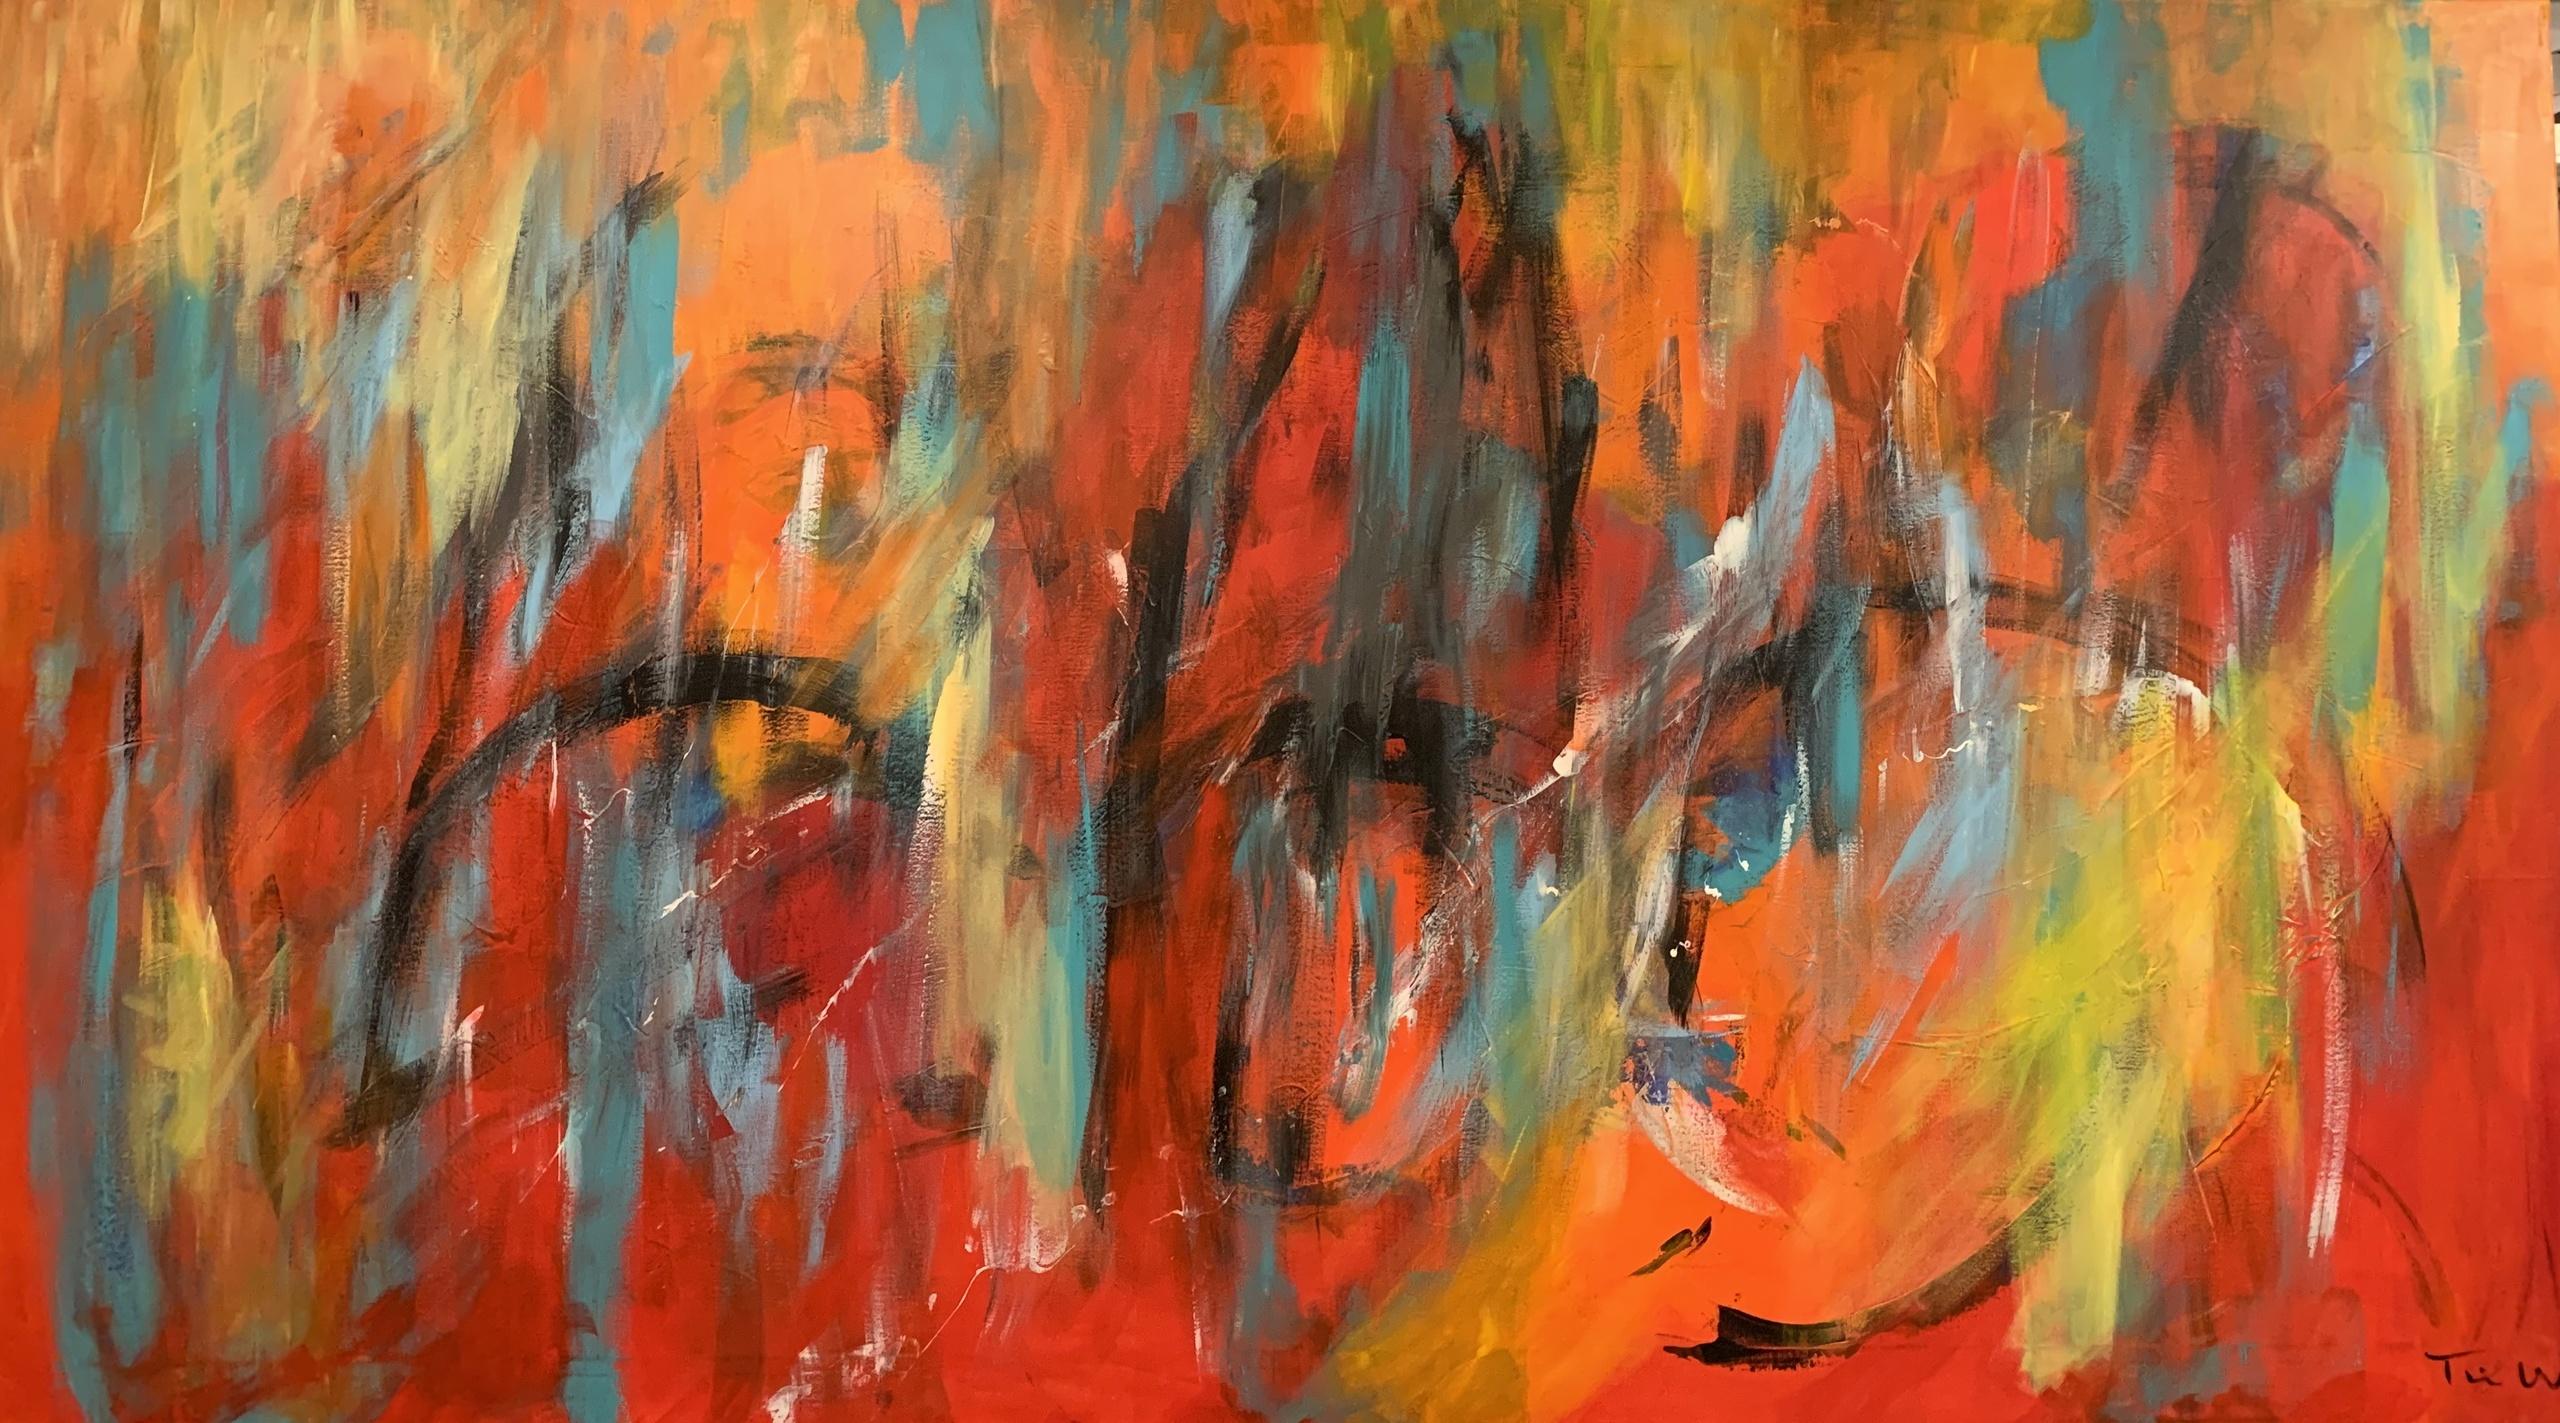 Maleriet har mange lag - og masser af detajler at se på. Det er malet til at lyse op  i rummet og give liv til omgivelserne.